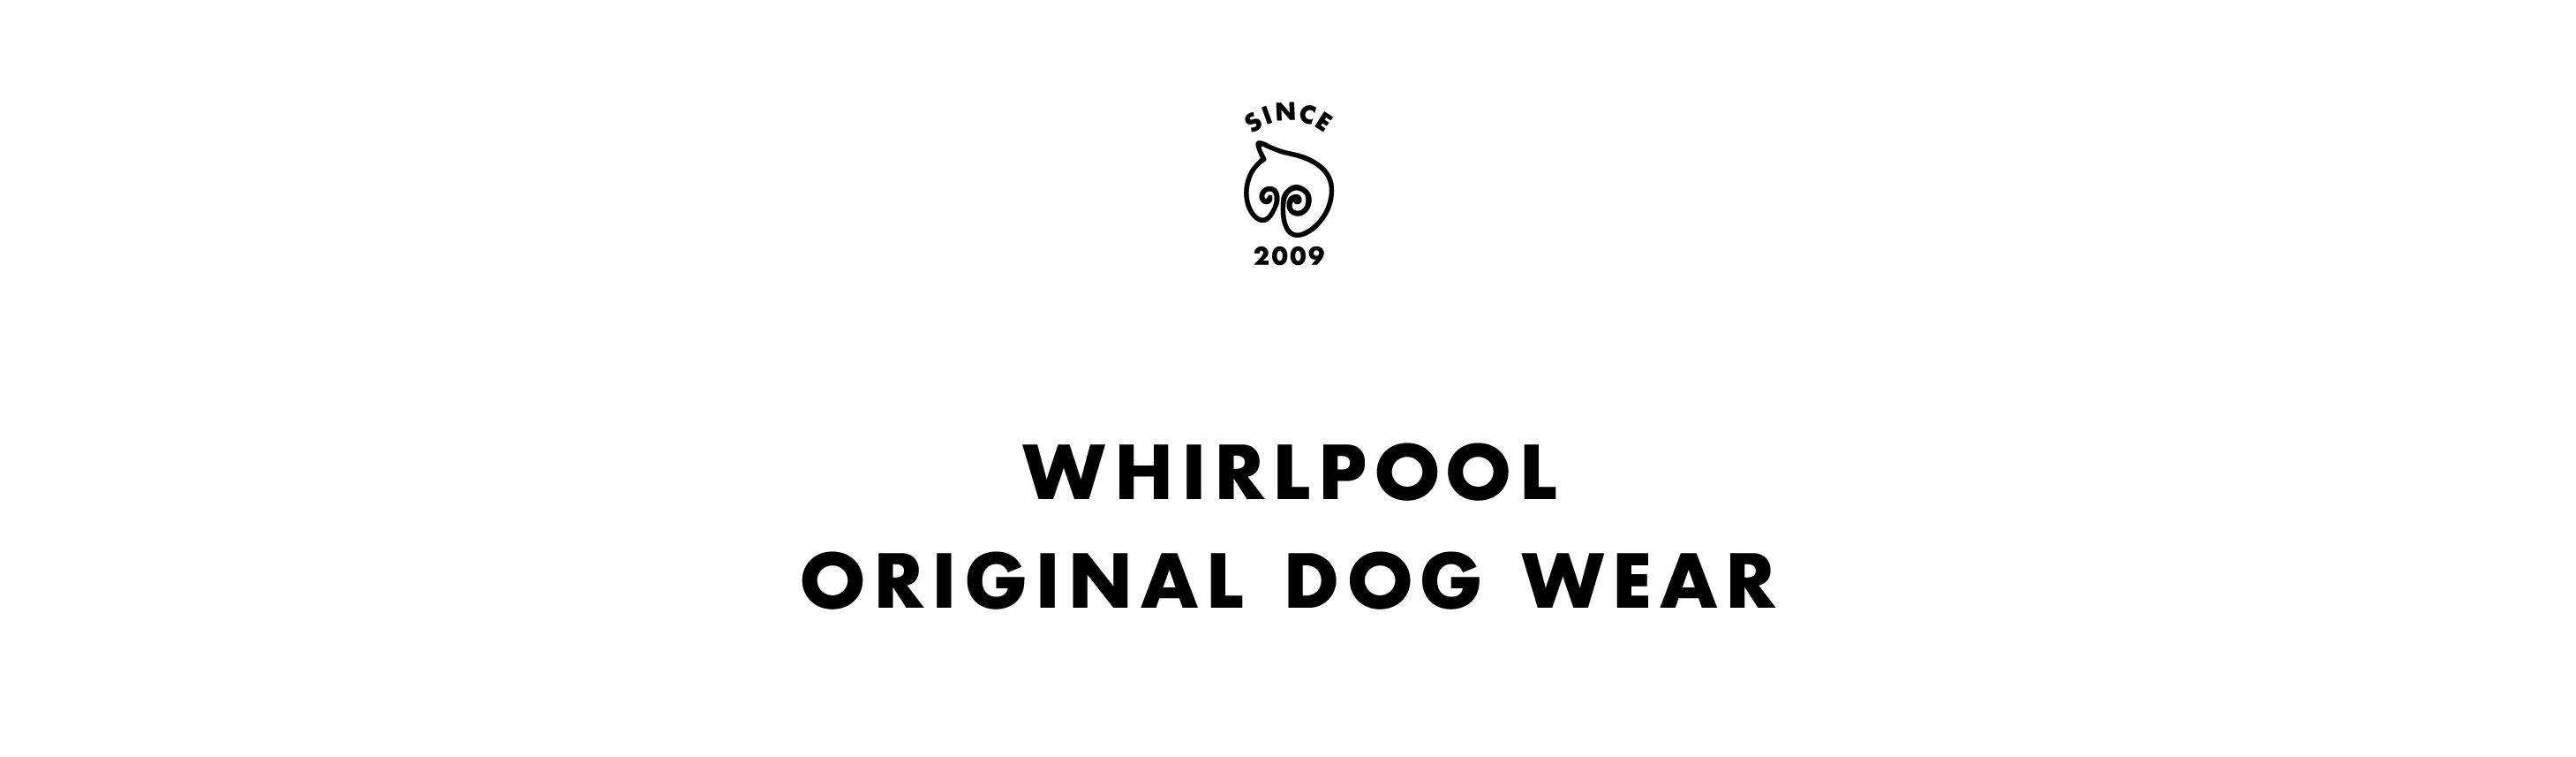 犬服 フレンチブルドッグ服 1点モノ リメイク オーダー whirlpool    お出かけしたくなっちゃうフレブル達の服を...